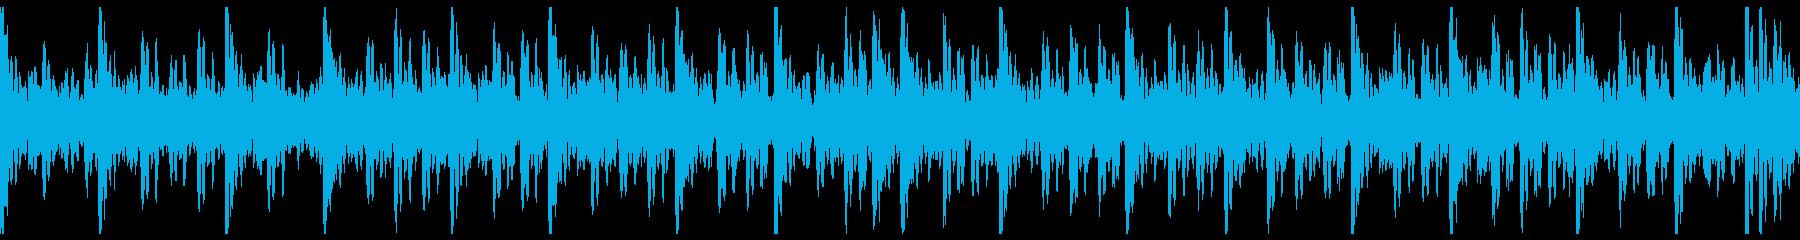 和太鼓(中太鼓)ソロ アップの再生済みの波形